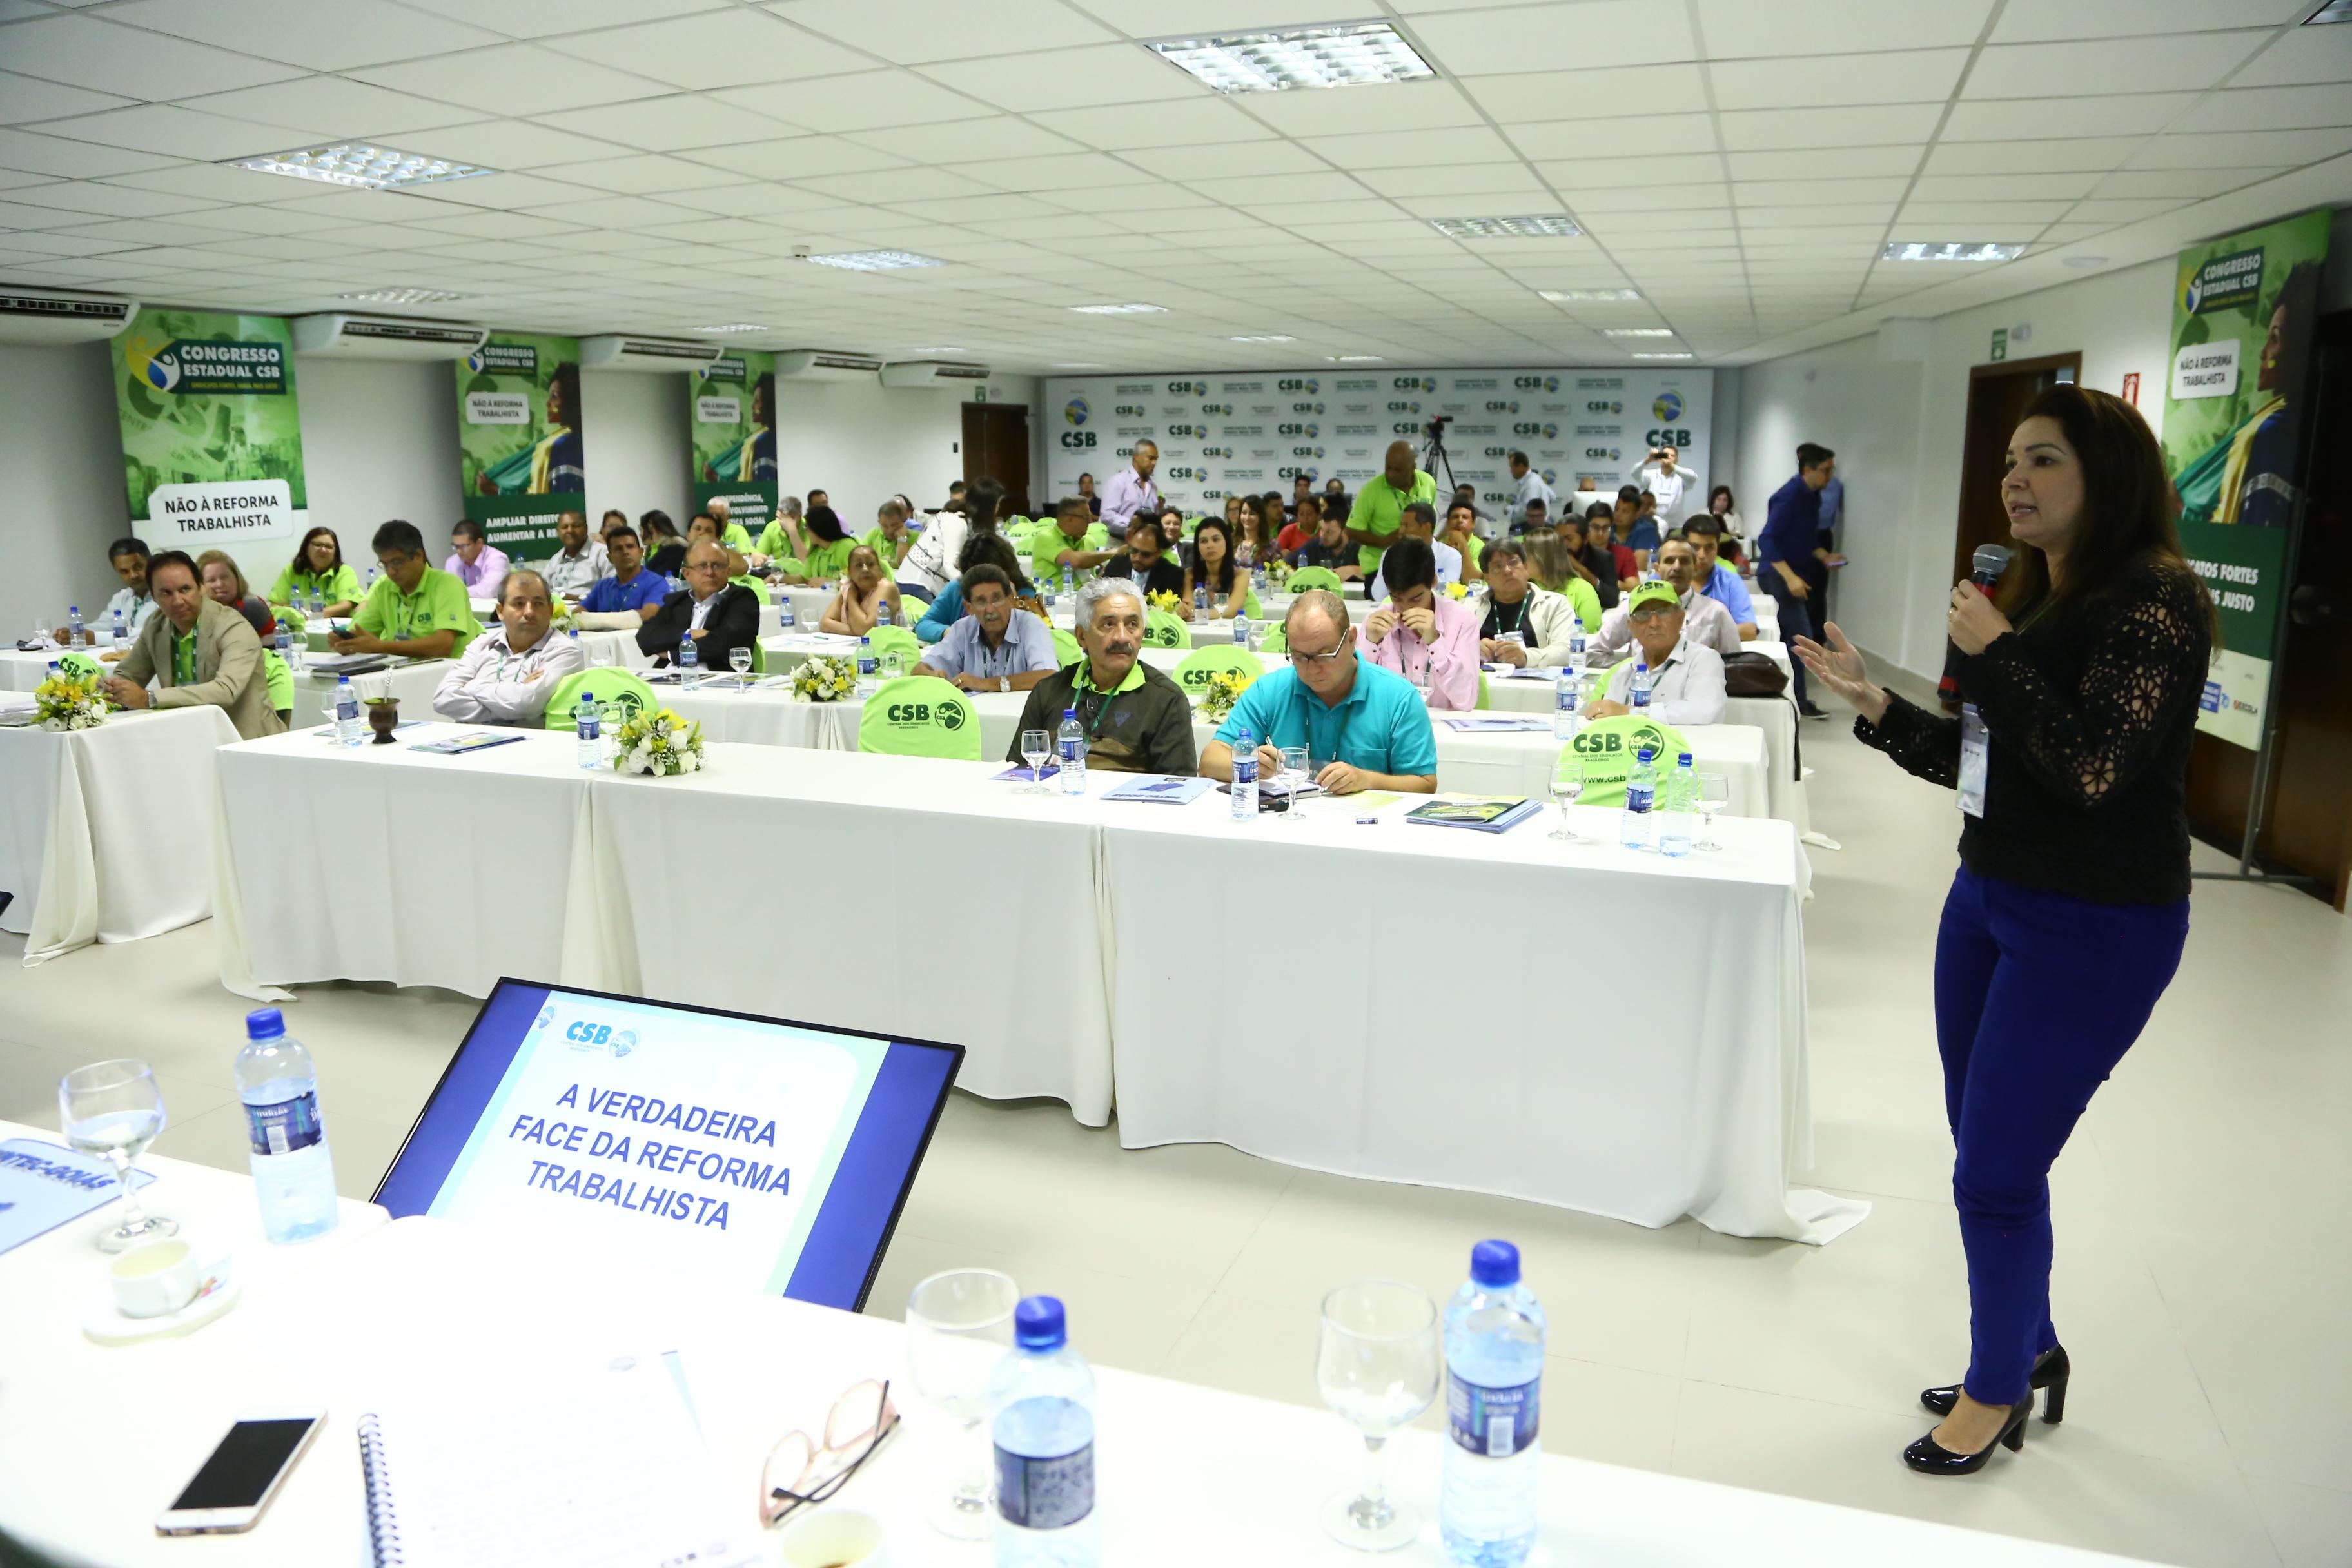 Mobilização contra a reforma trabalhista e a realidade do movimento sindical pautam 2º dia do Congresso Estadual de Goiás